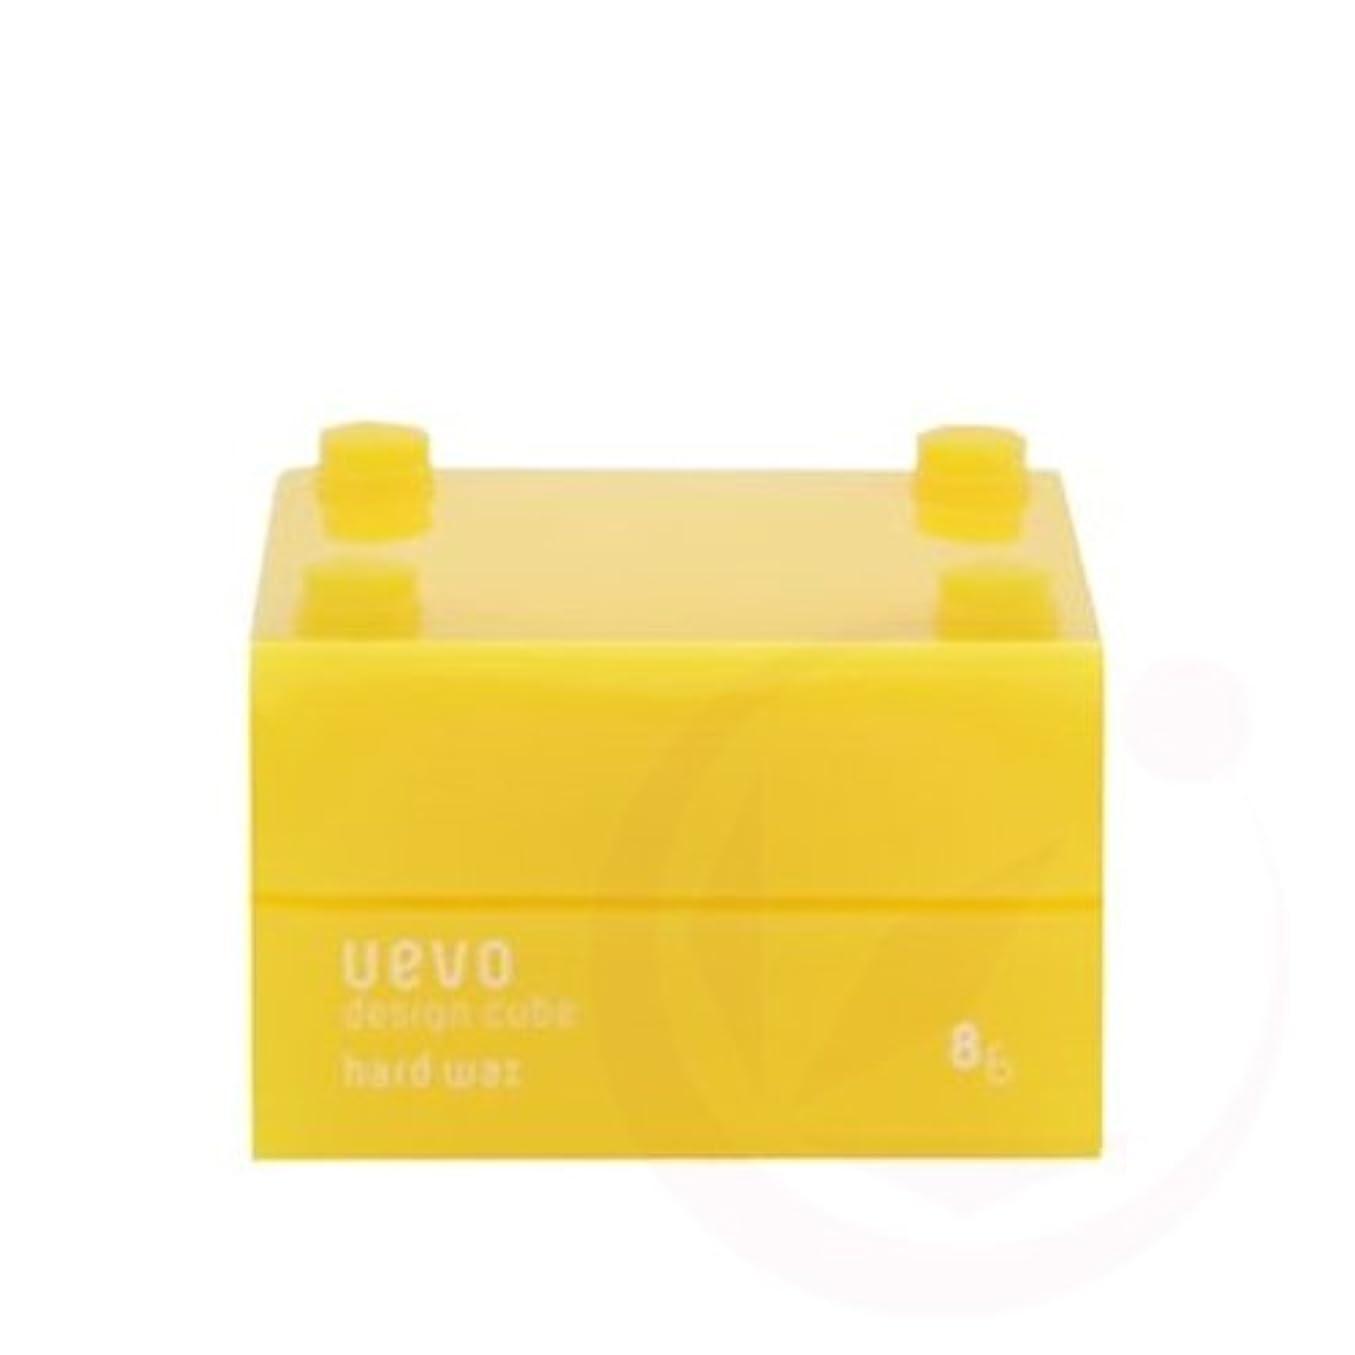 【デミコスメティクス】ウェーボ デザインキューブ ハードワックス 30g